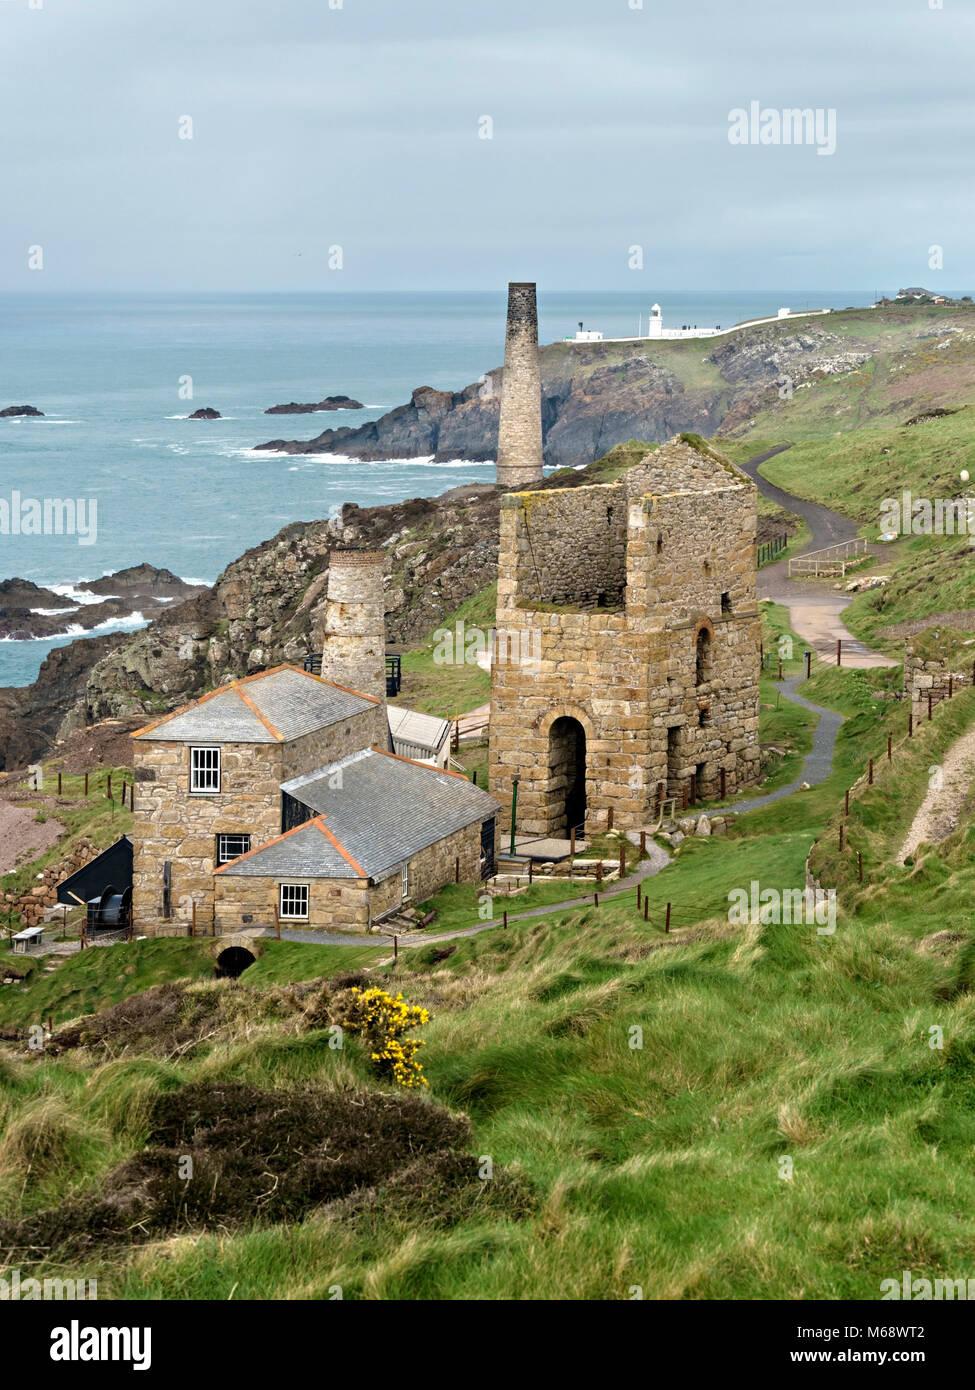 Cornish Mining Stock Photos & Cornish Mining Stock Images - Alamy